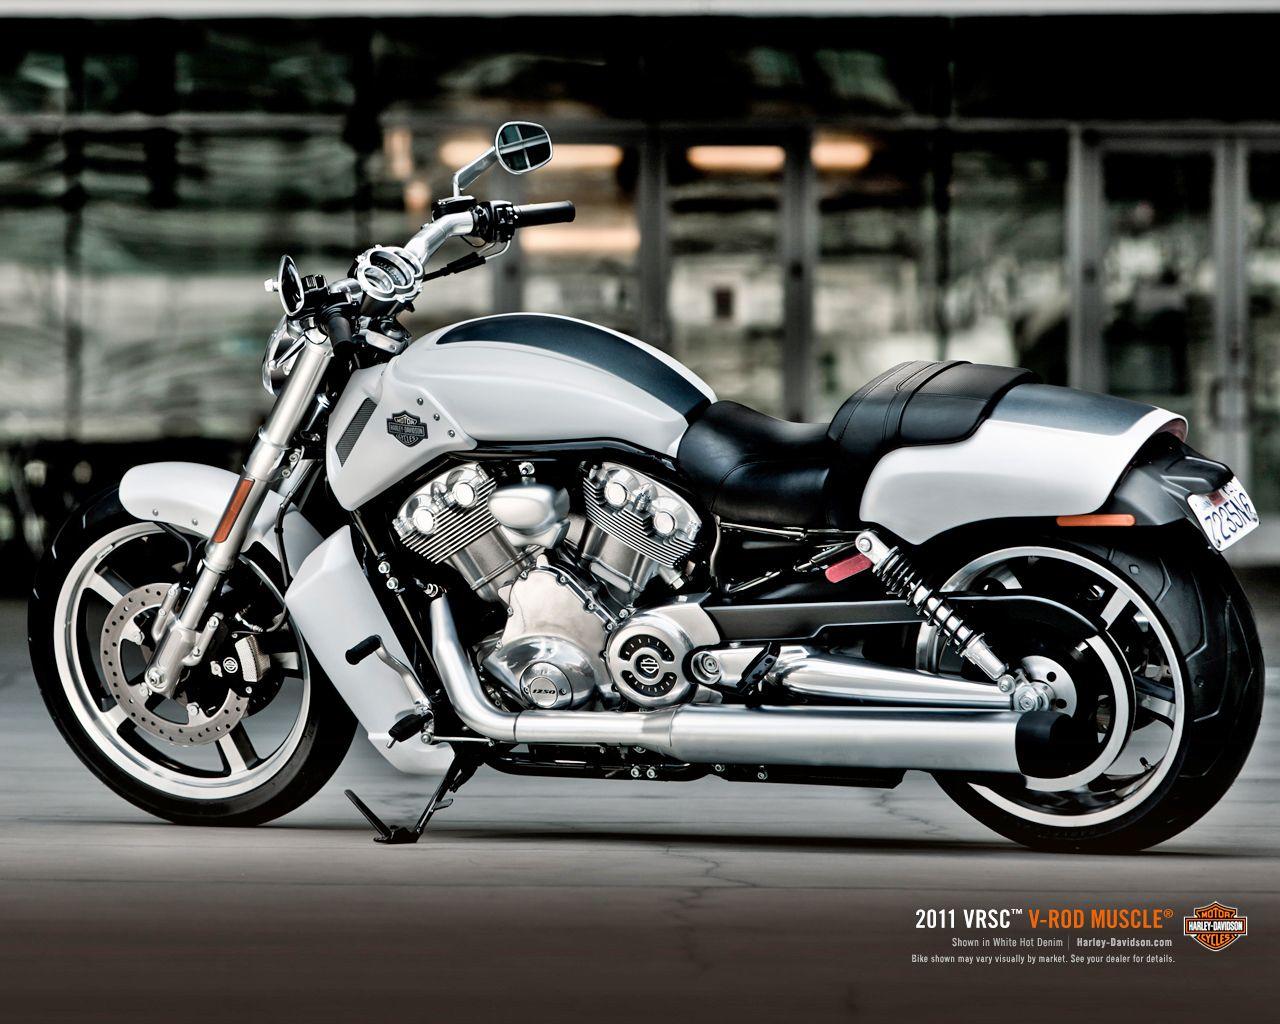 Harley Davidson Vrod Muscle White Denim Vrod Custom Moto Harley Davidson Road King